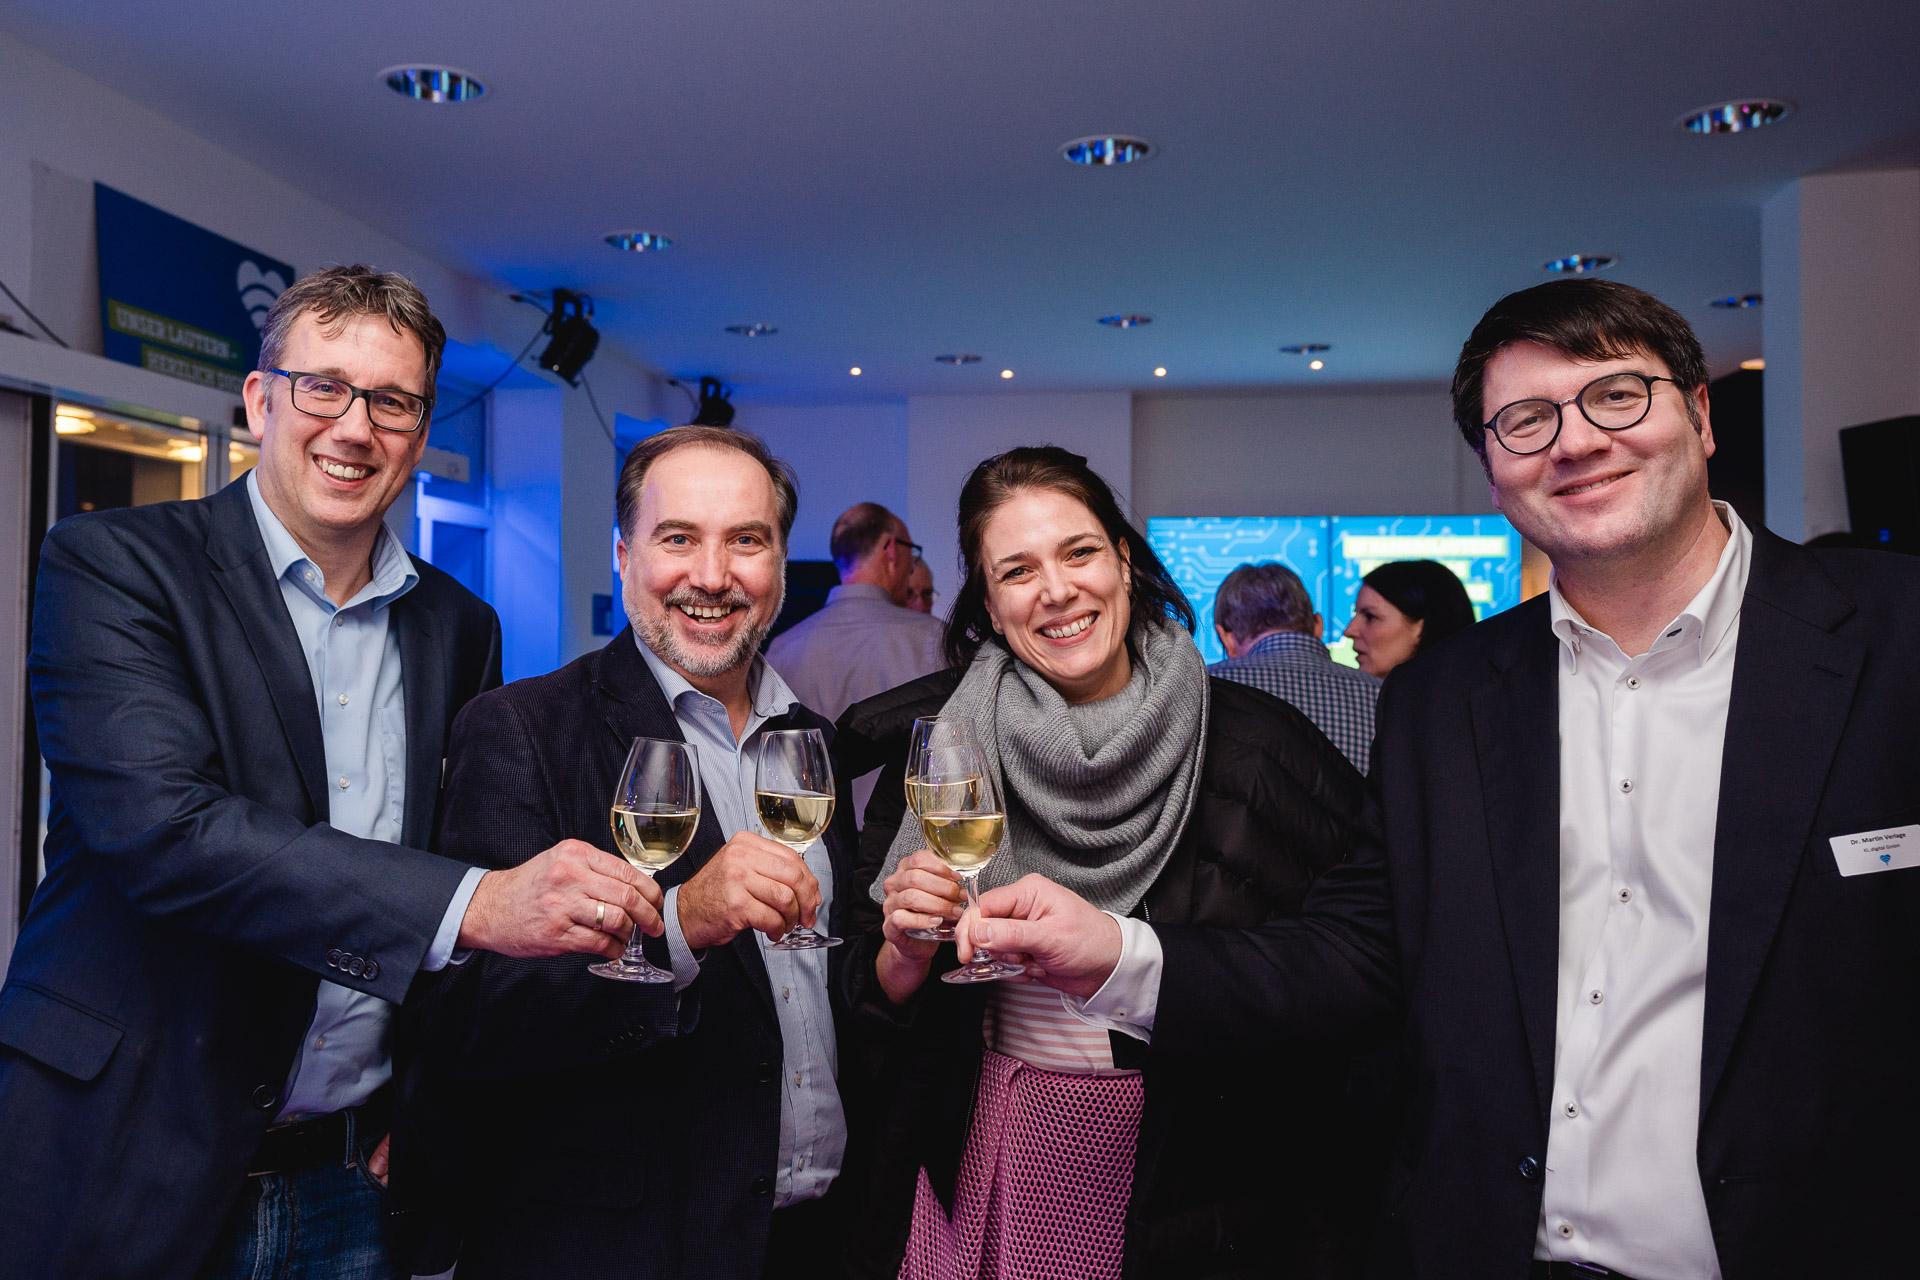 Vier Personen (drei Männer, eine Frau) schauen in die Kamera und prosten sich mit Weißwein zu.